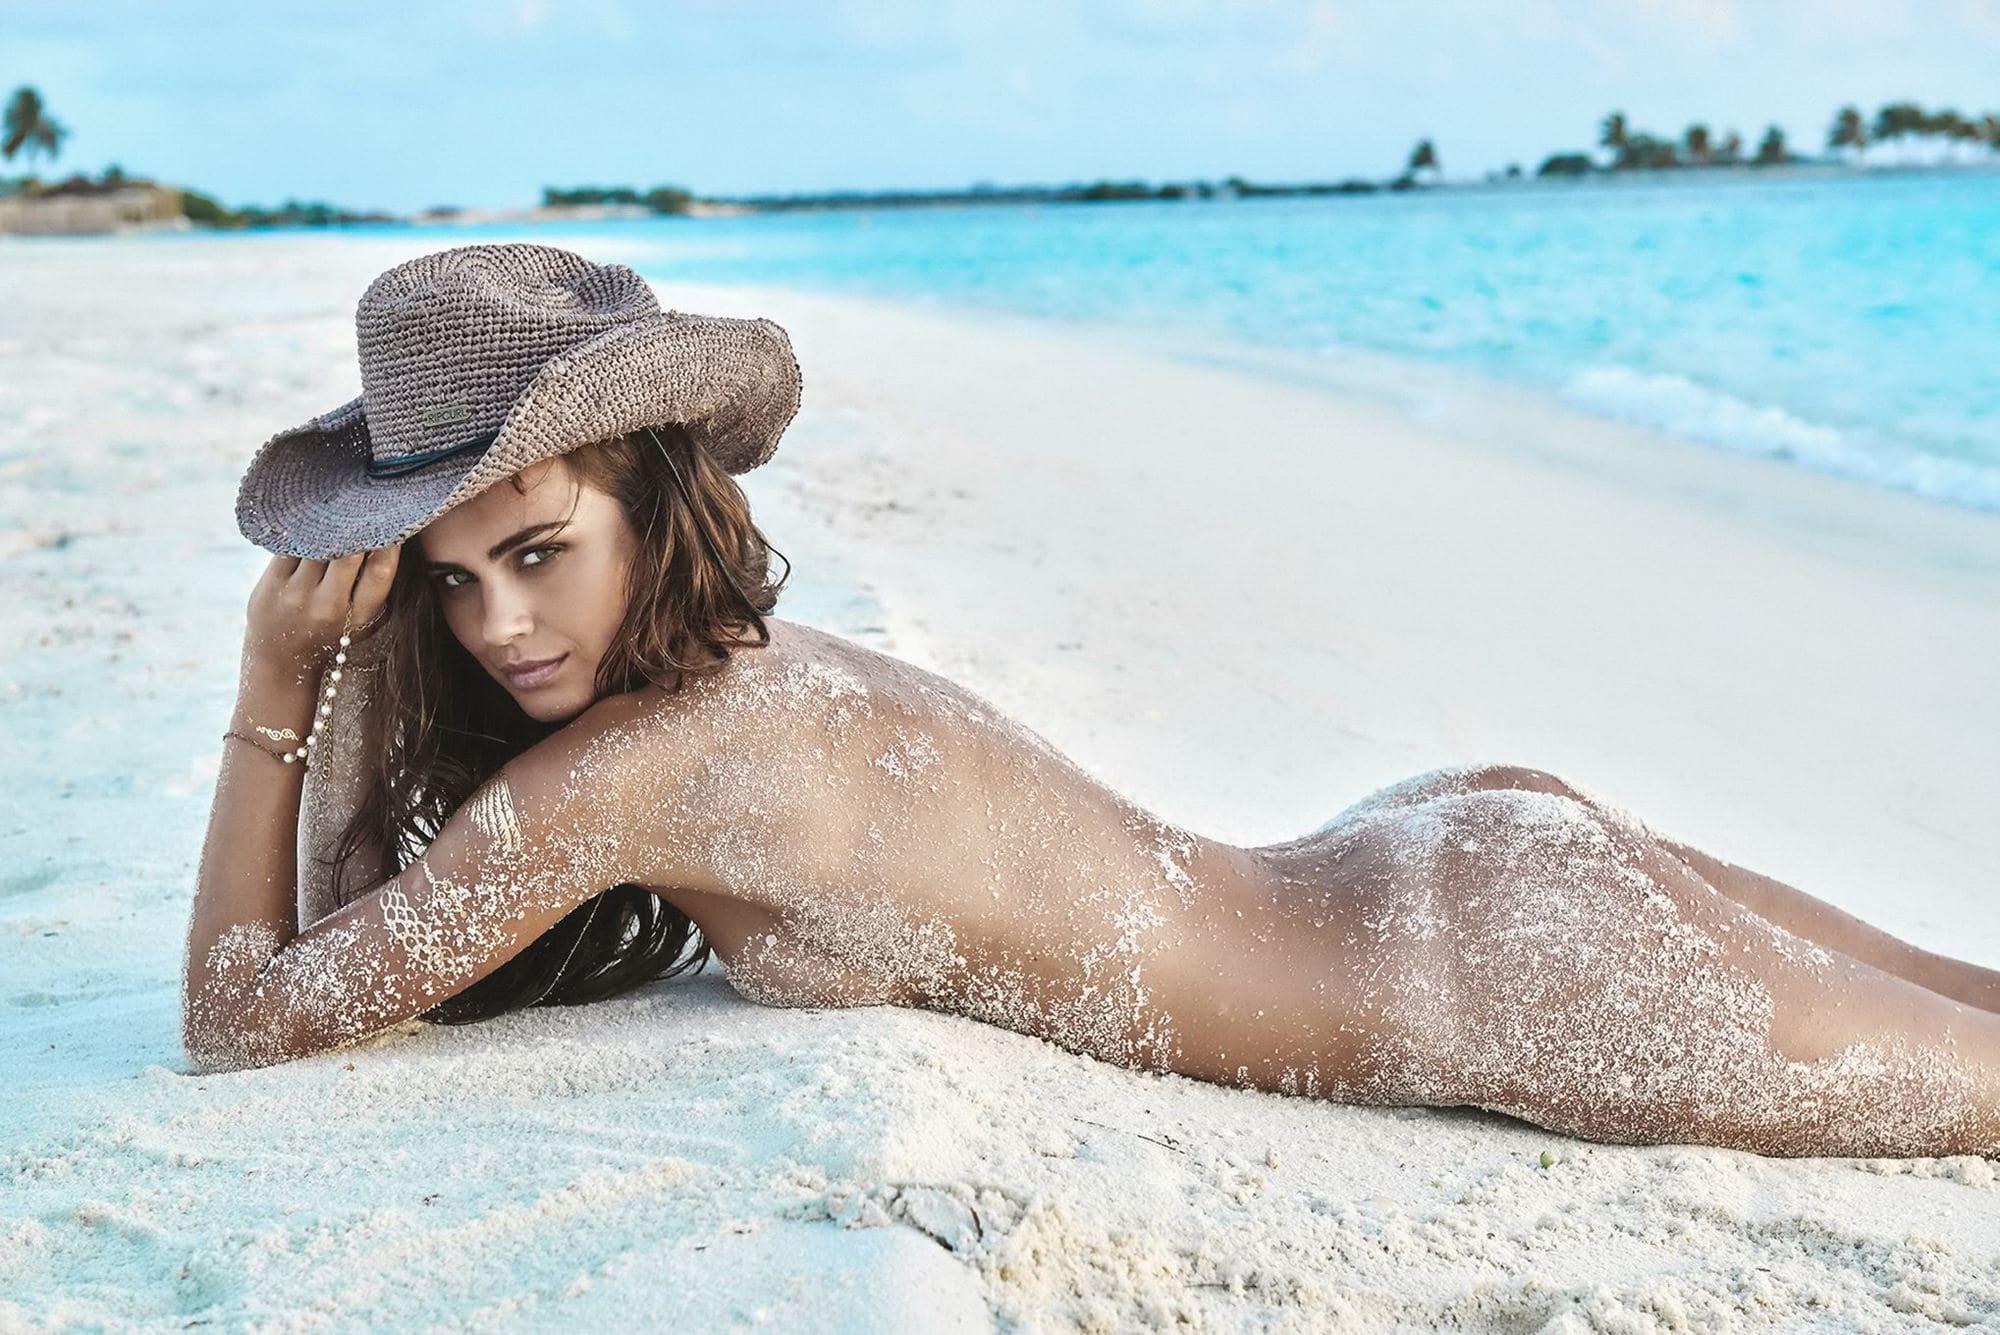 Обнаженная модель красиво позирует на песочке  163015